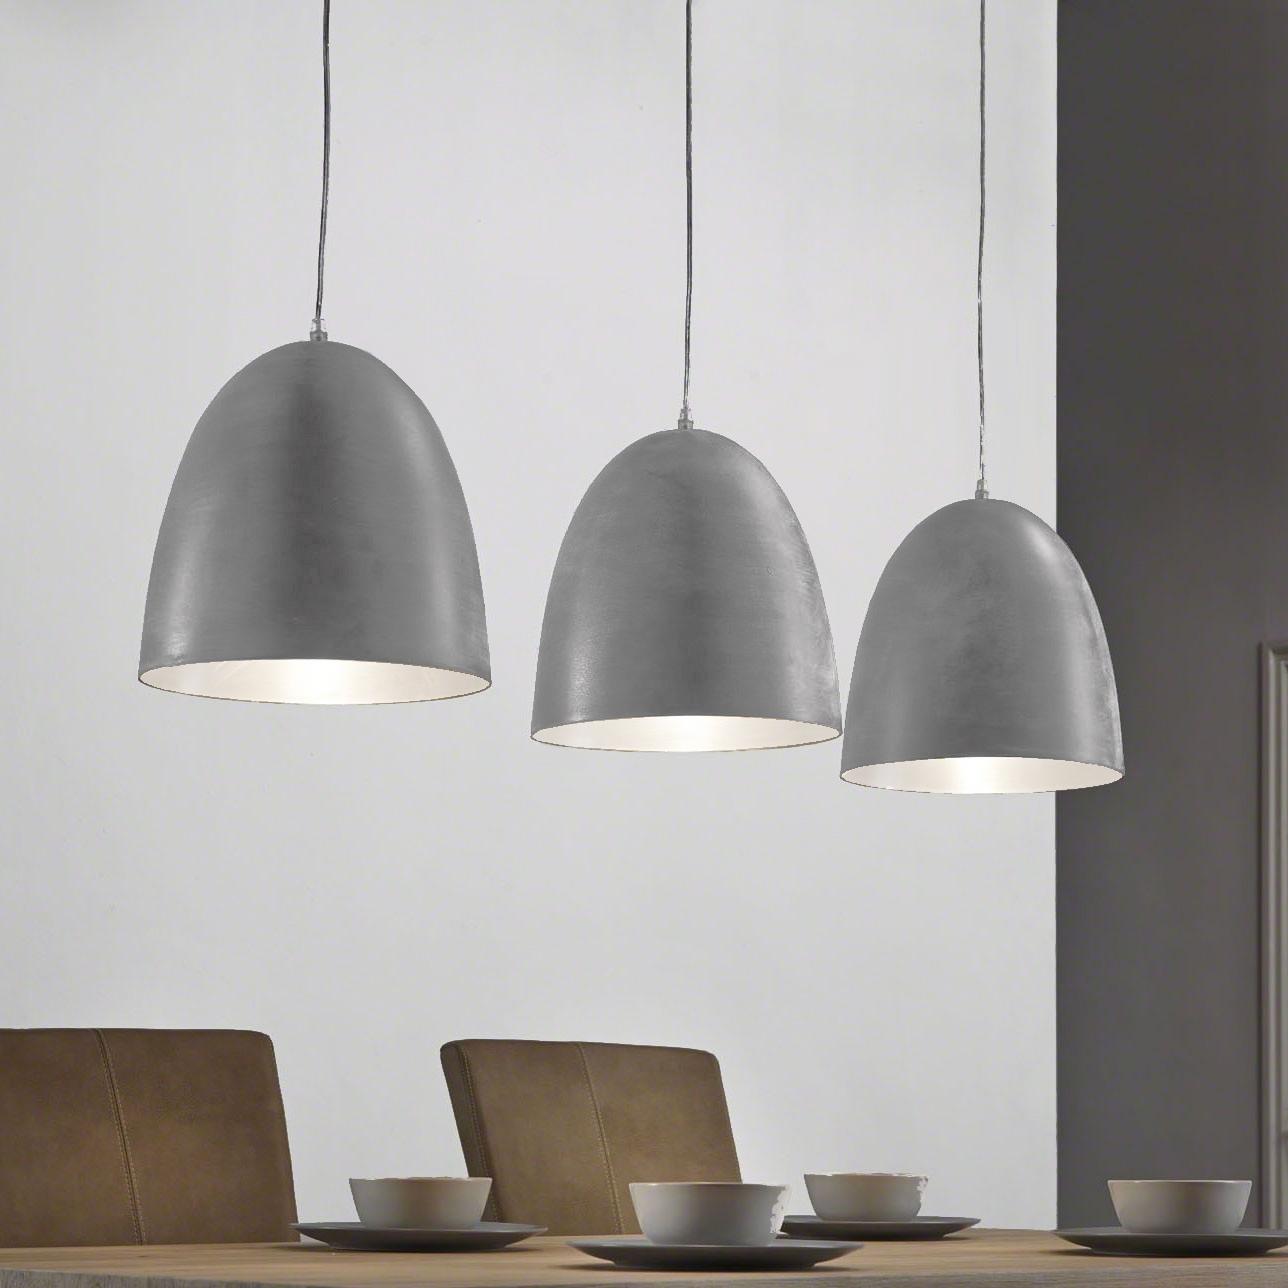 Industriële Hanglamp 'Florence', 3-lamps, kleur grijs